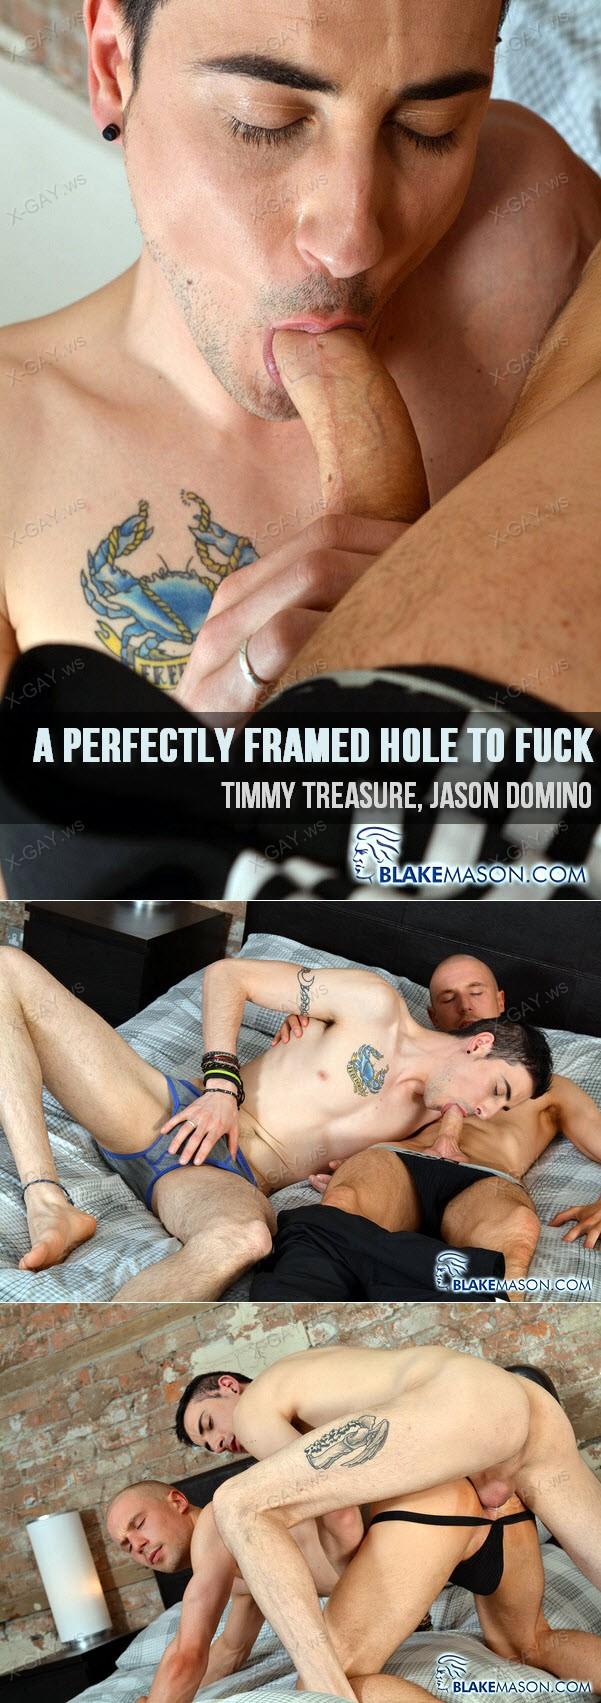 BlakeMason: A Perfectly Framed Hole To Fuck (Timmy Treasure, Jason Domino)